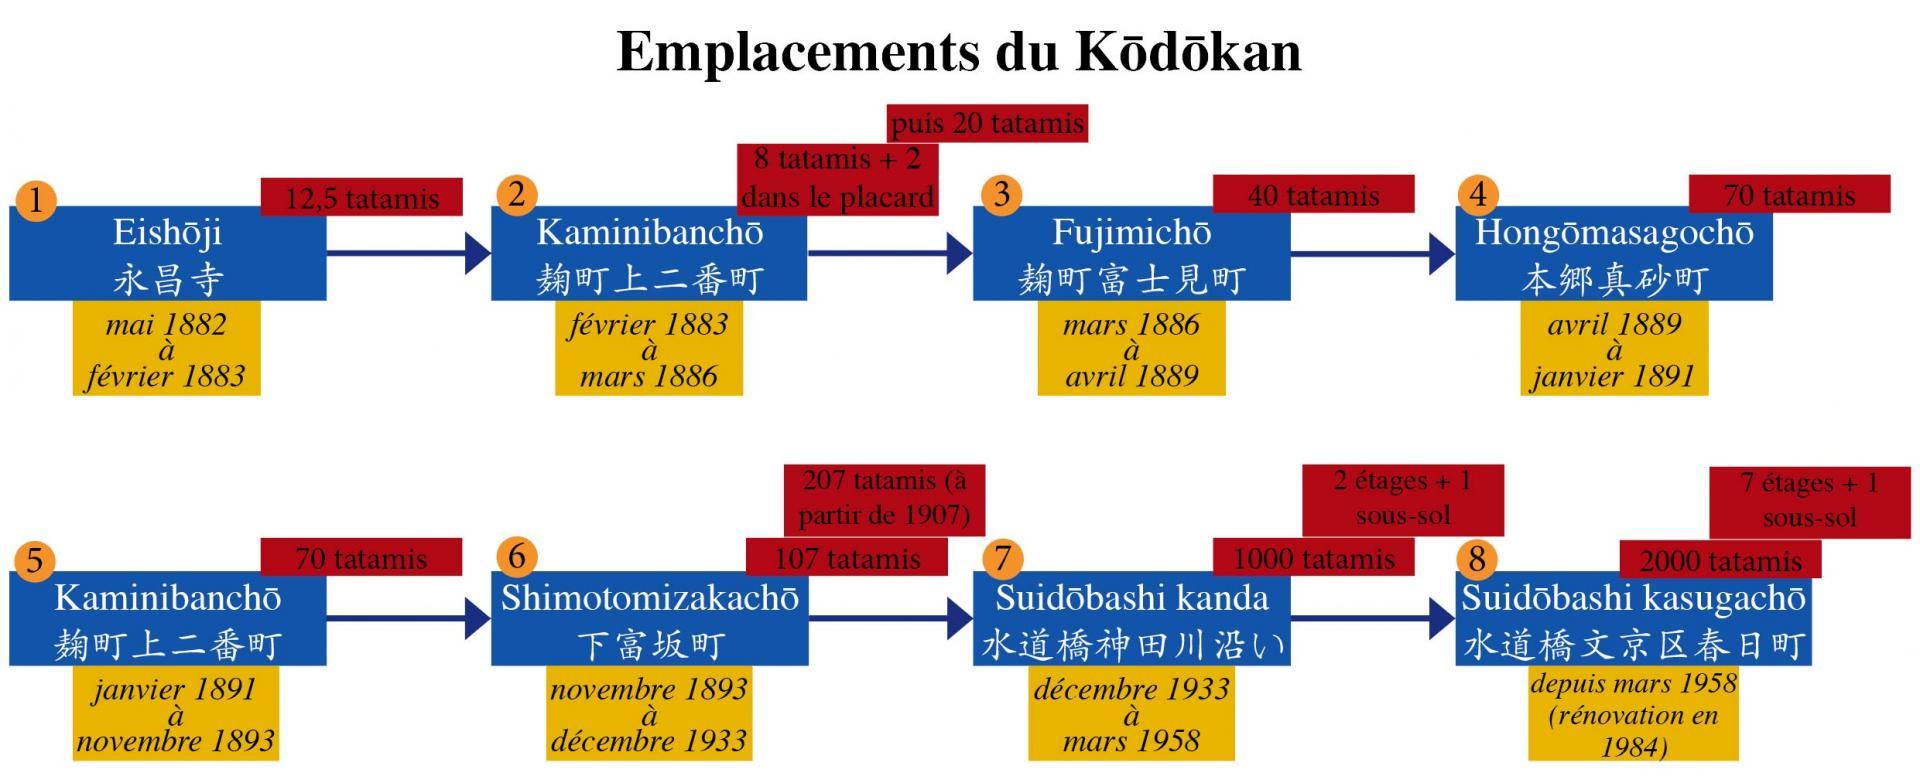 Emplacement kodokan web